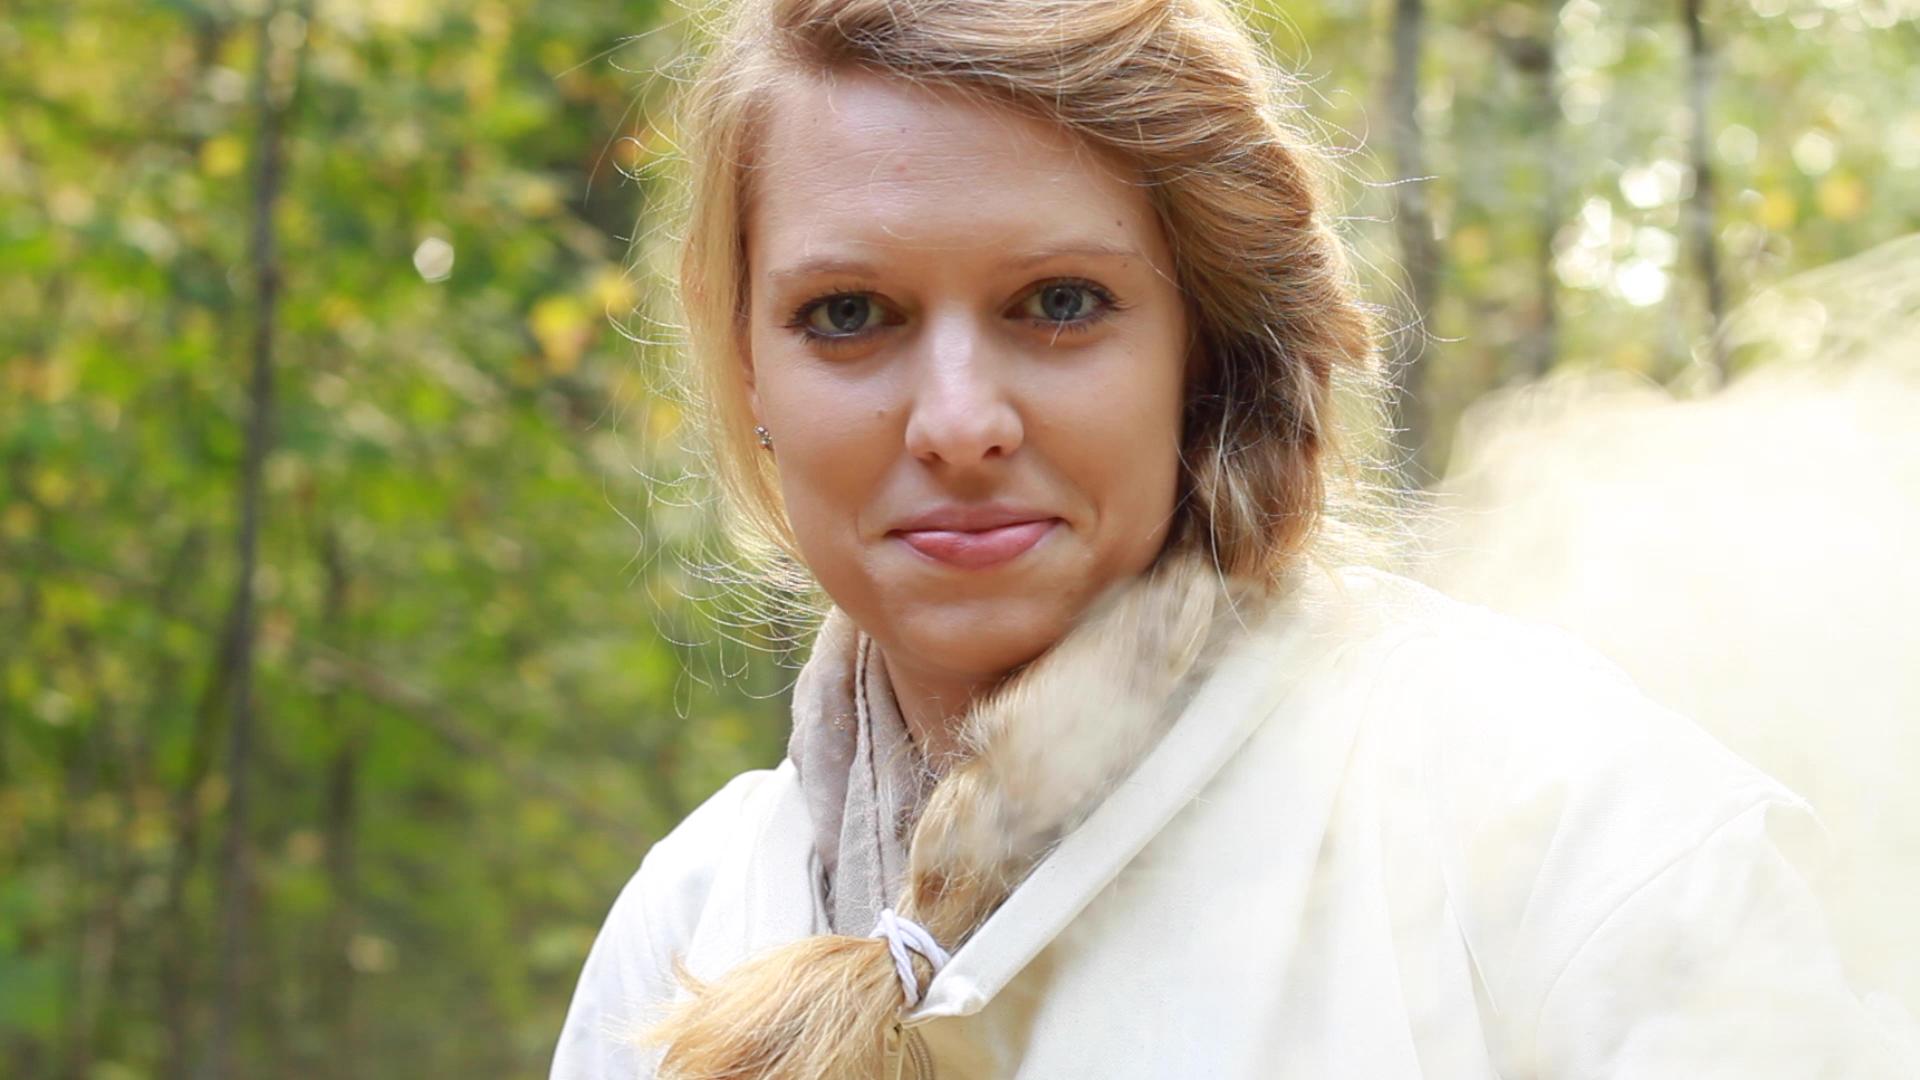 Dr. Leona Sprotte-Huber